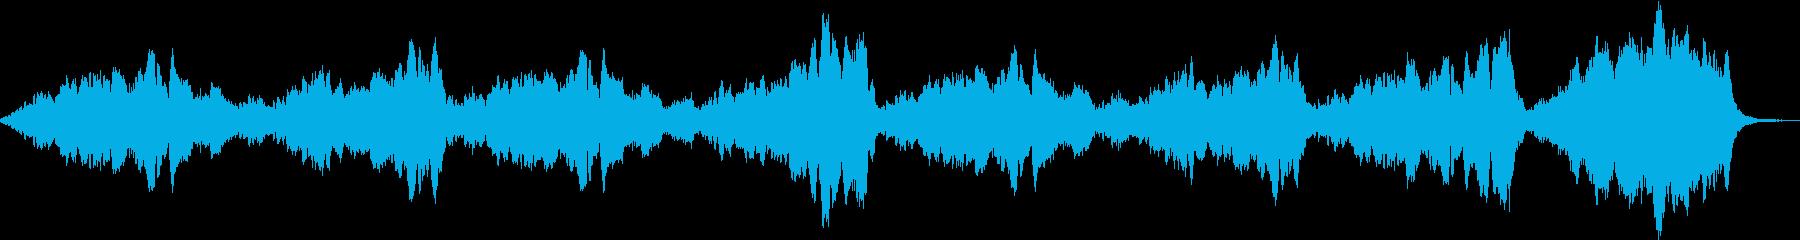 緊迫感 怖いヴァイオリン ストリングスの再生済みの波形